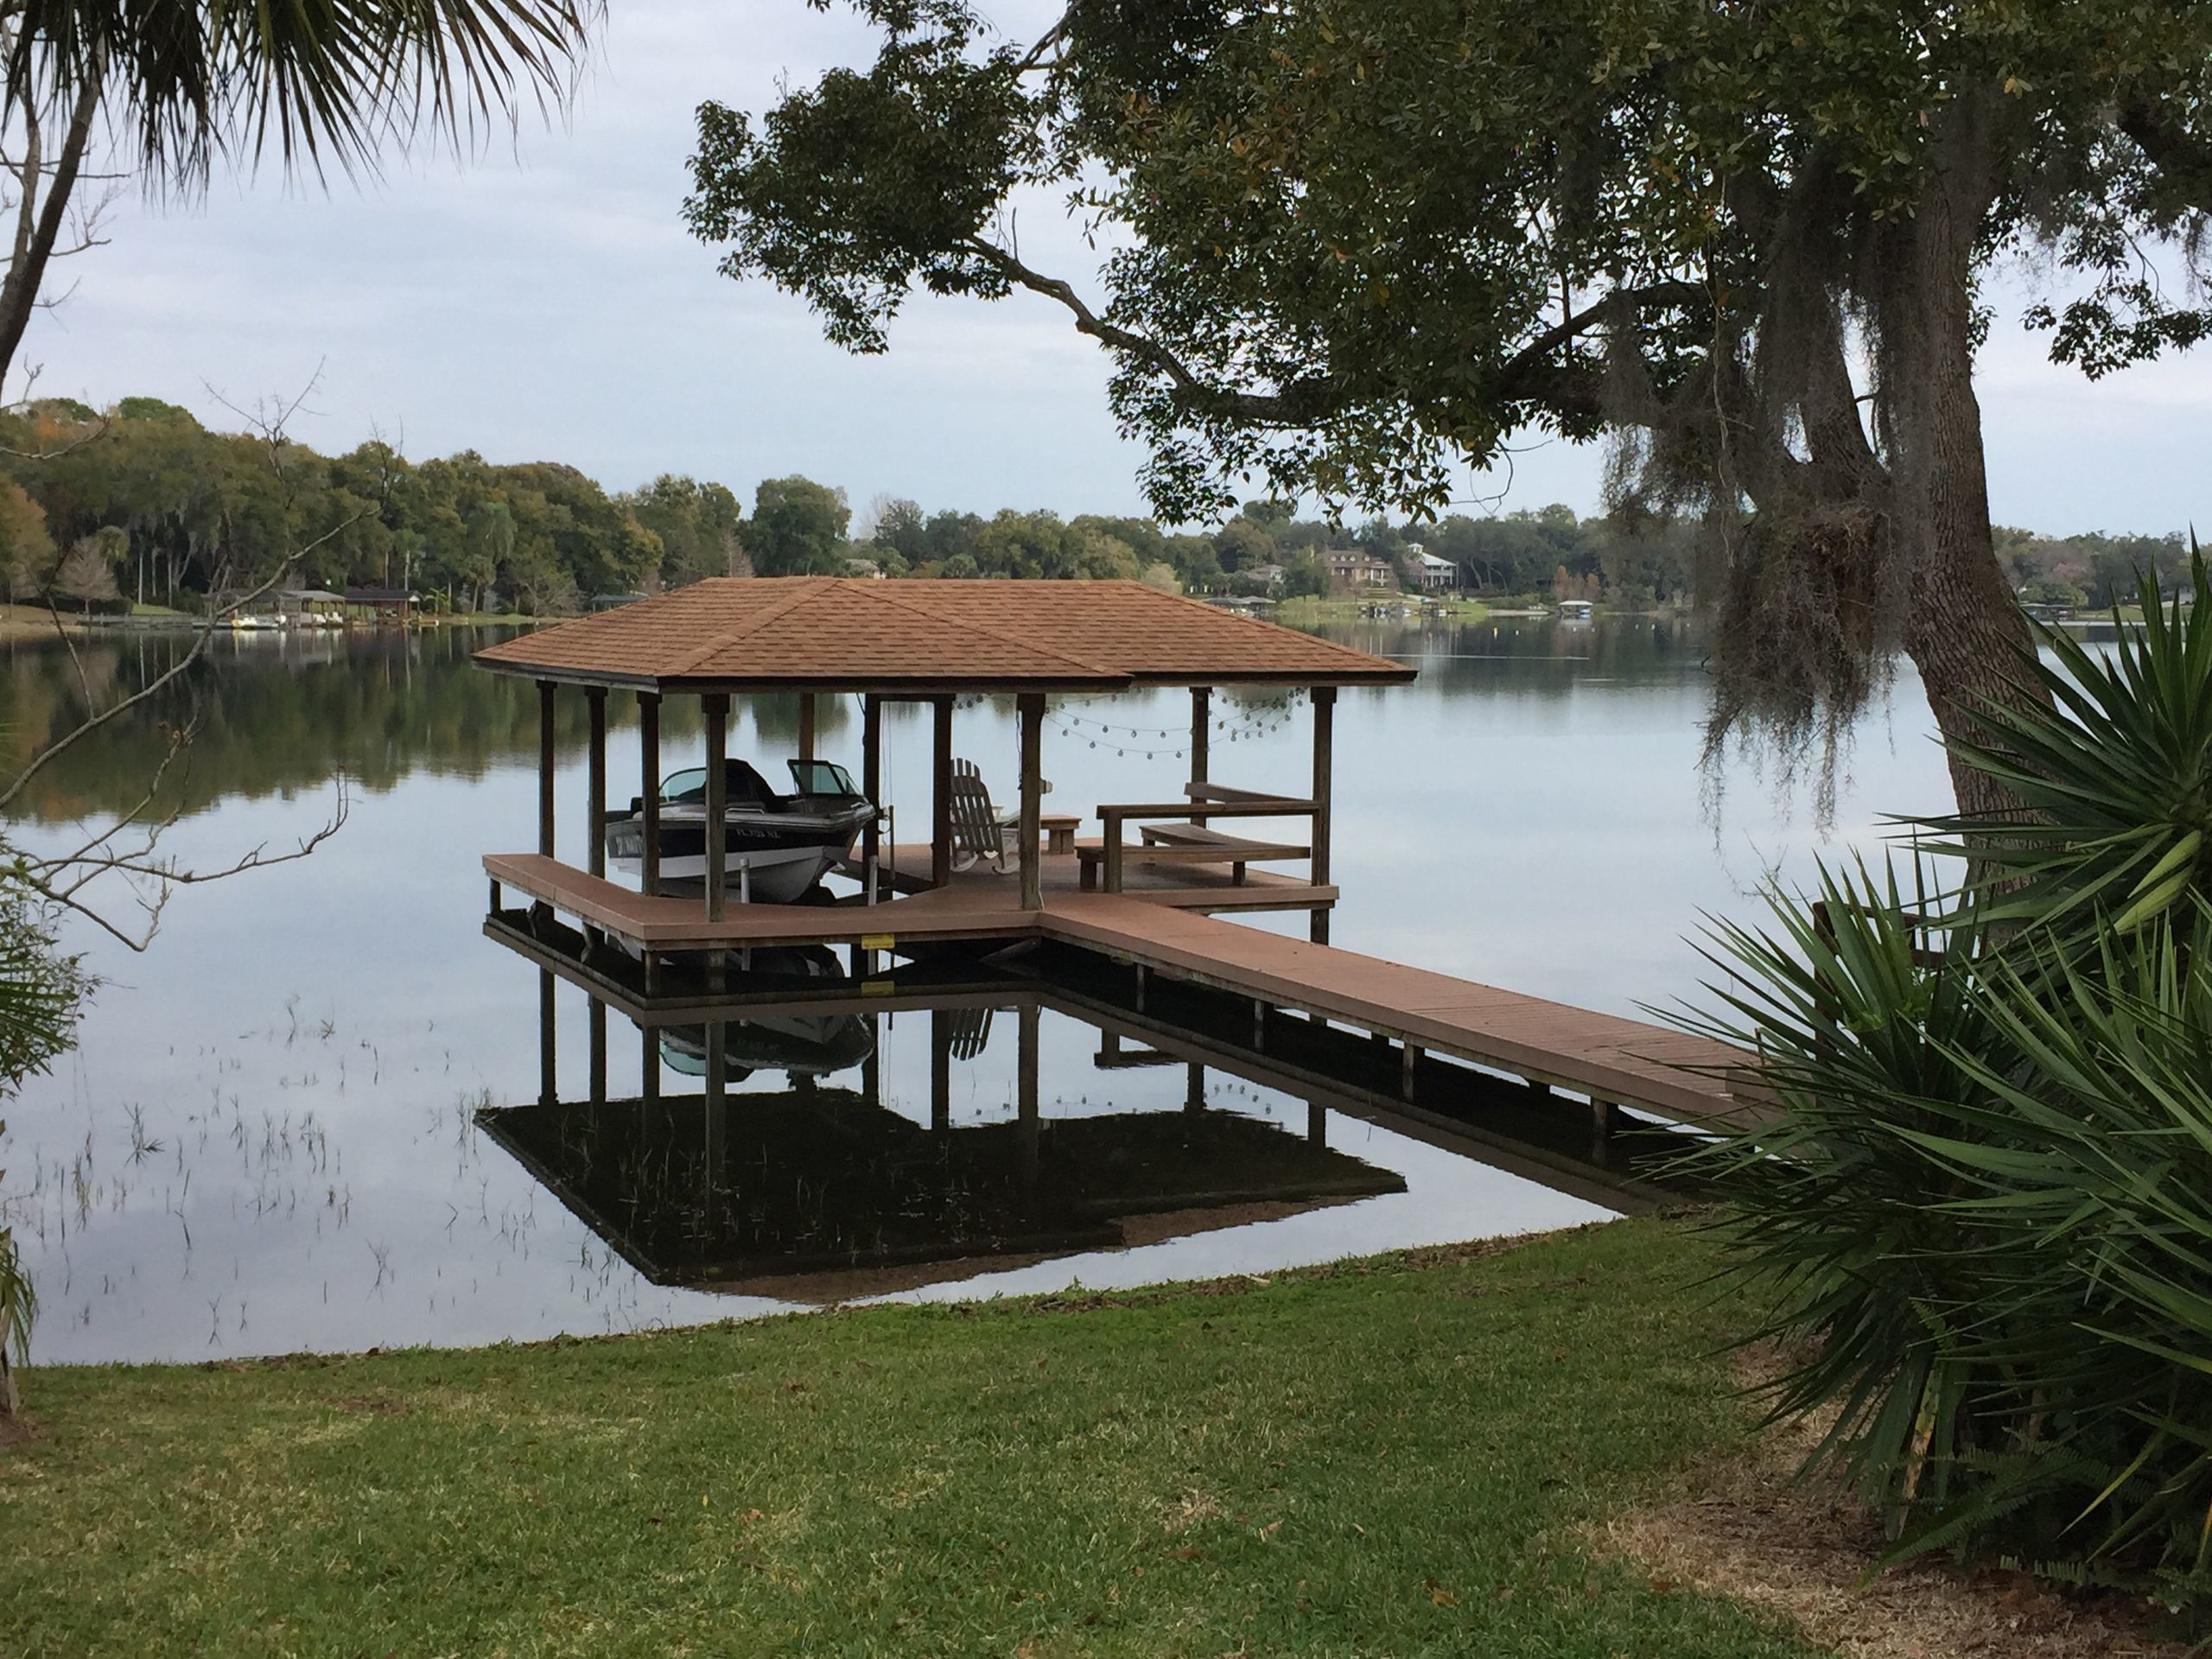 Winter Park dock